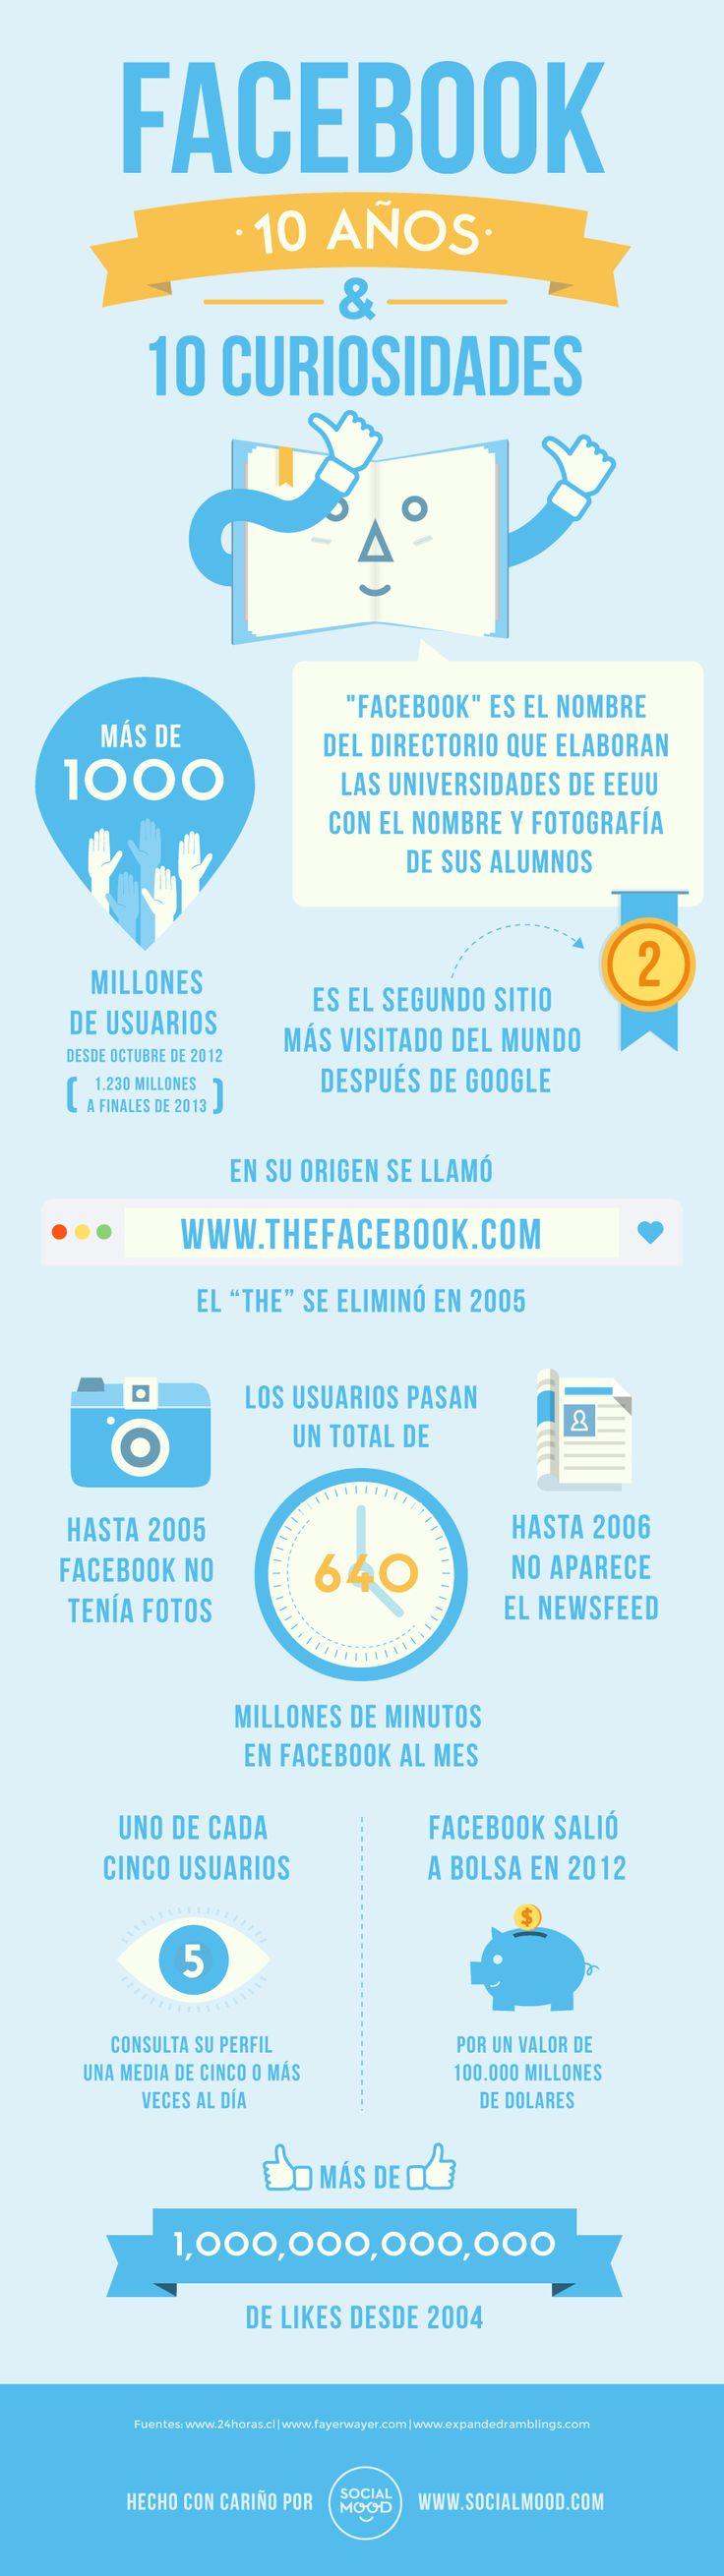 Facebook, 10 años & 10 curiosidades